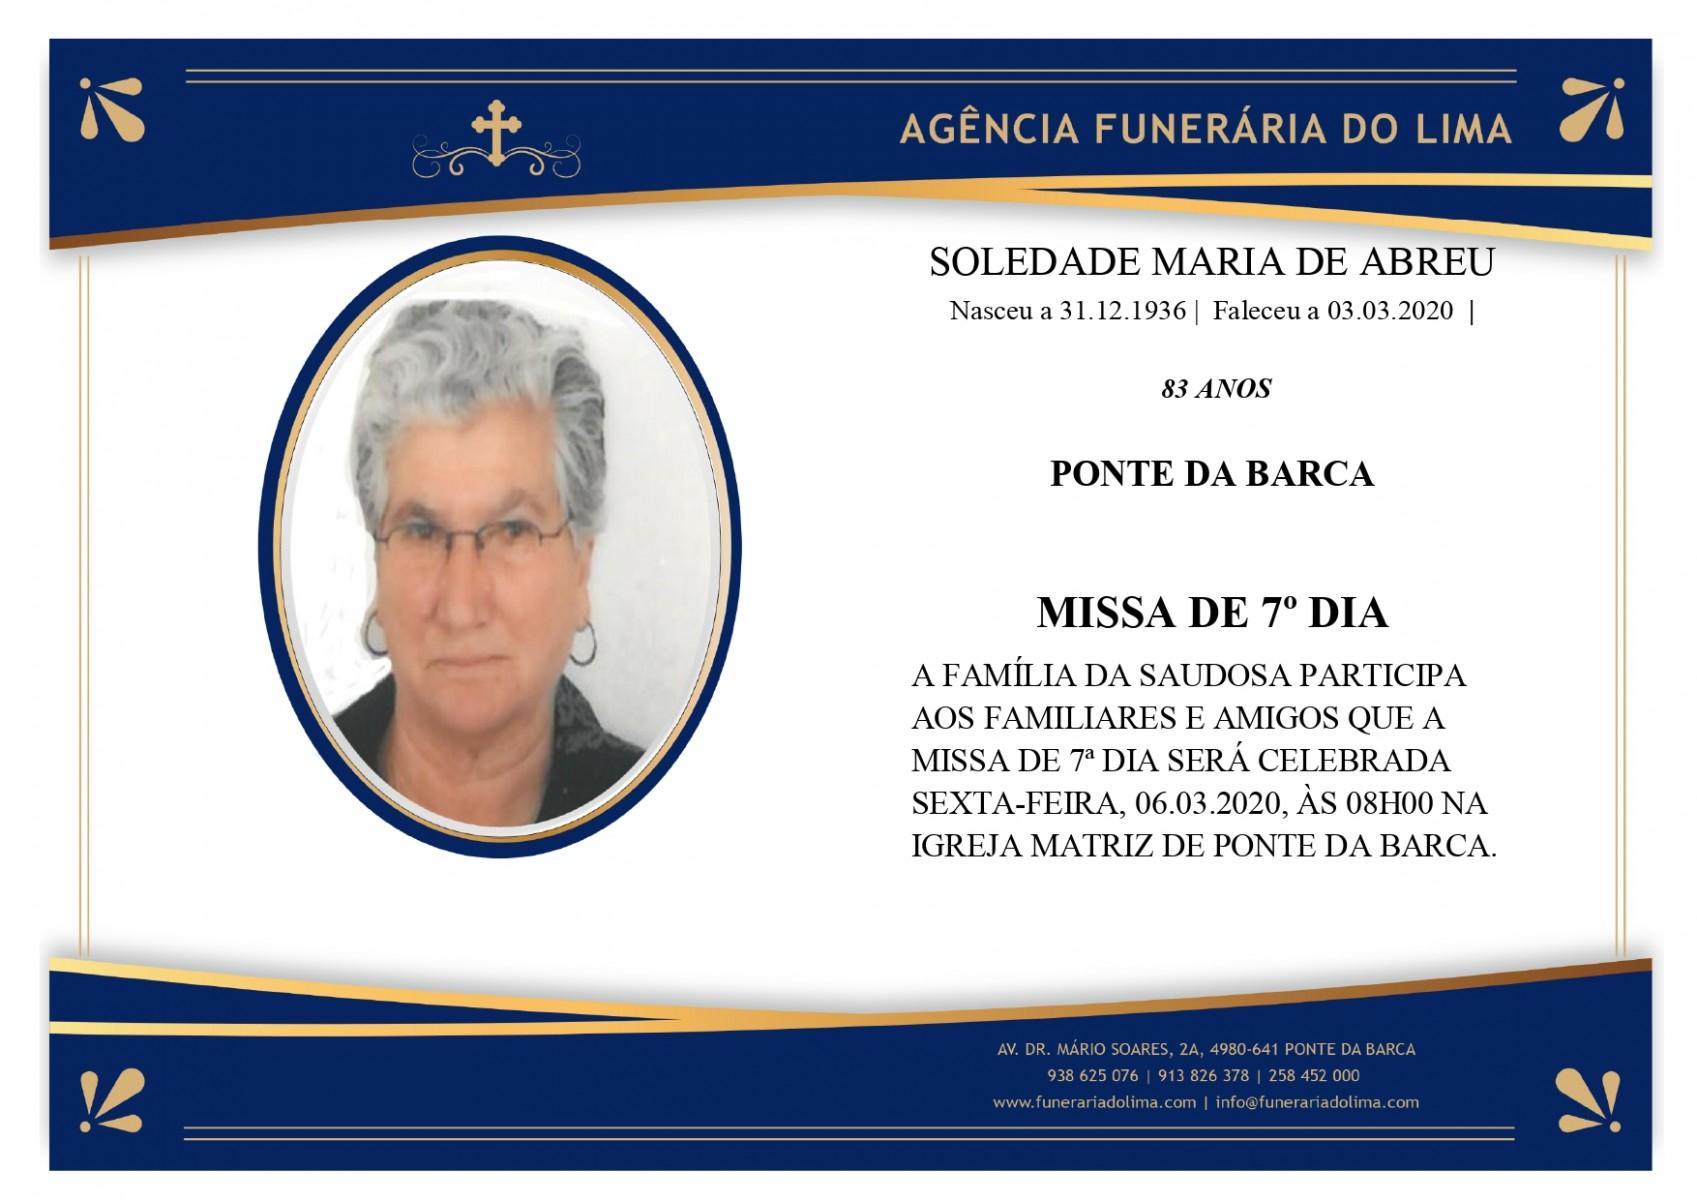 Soledade Maria Abreu